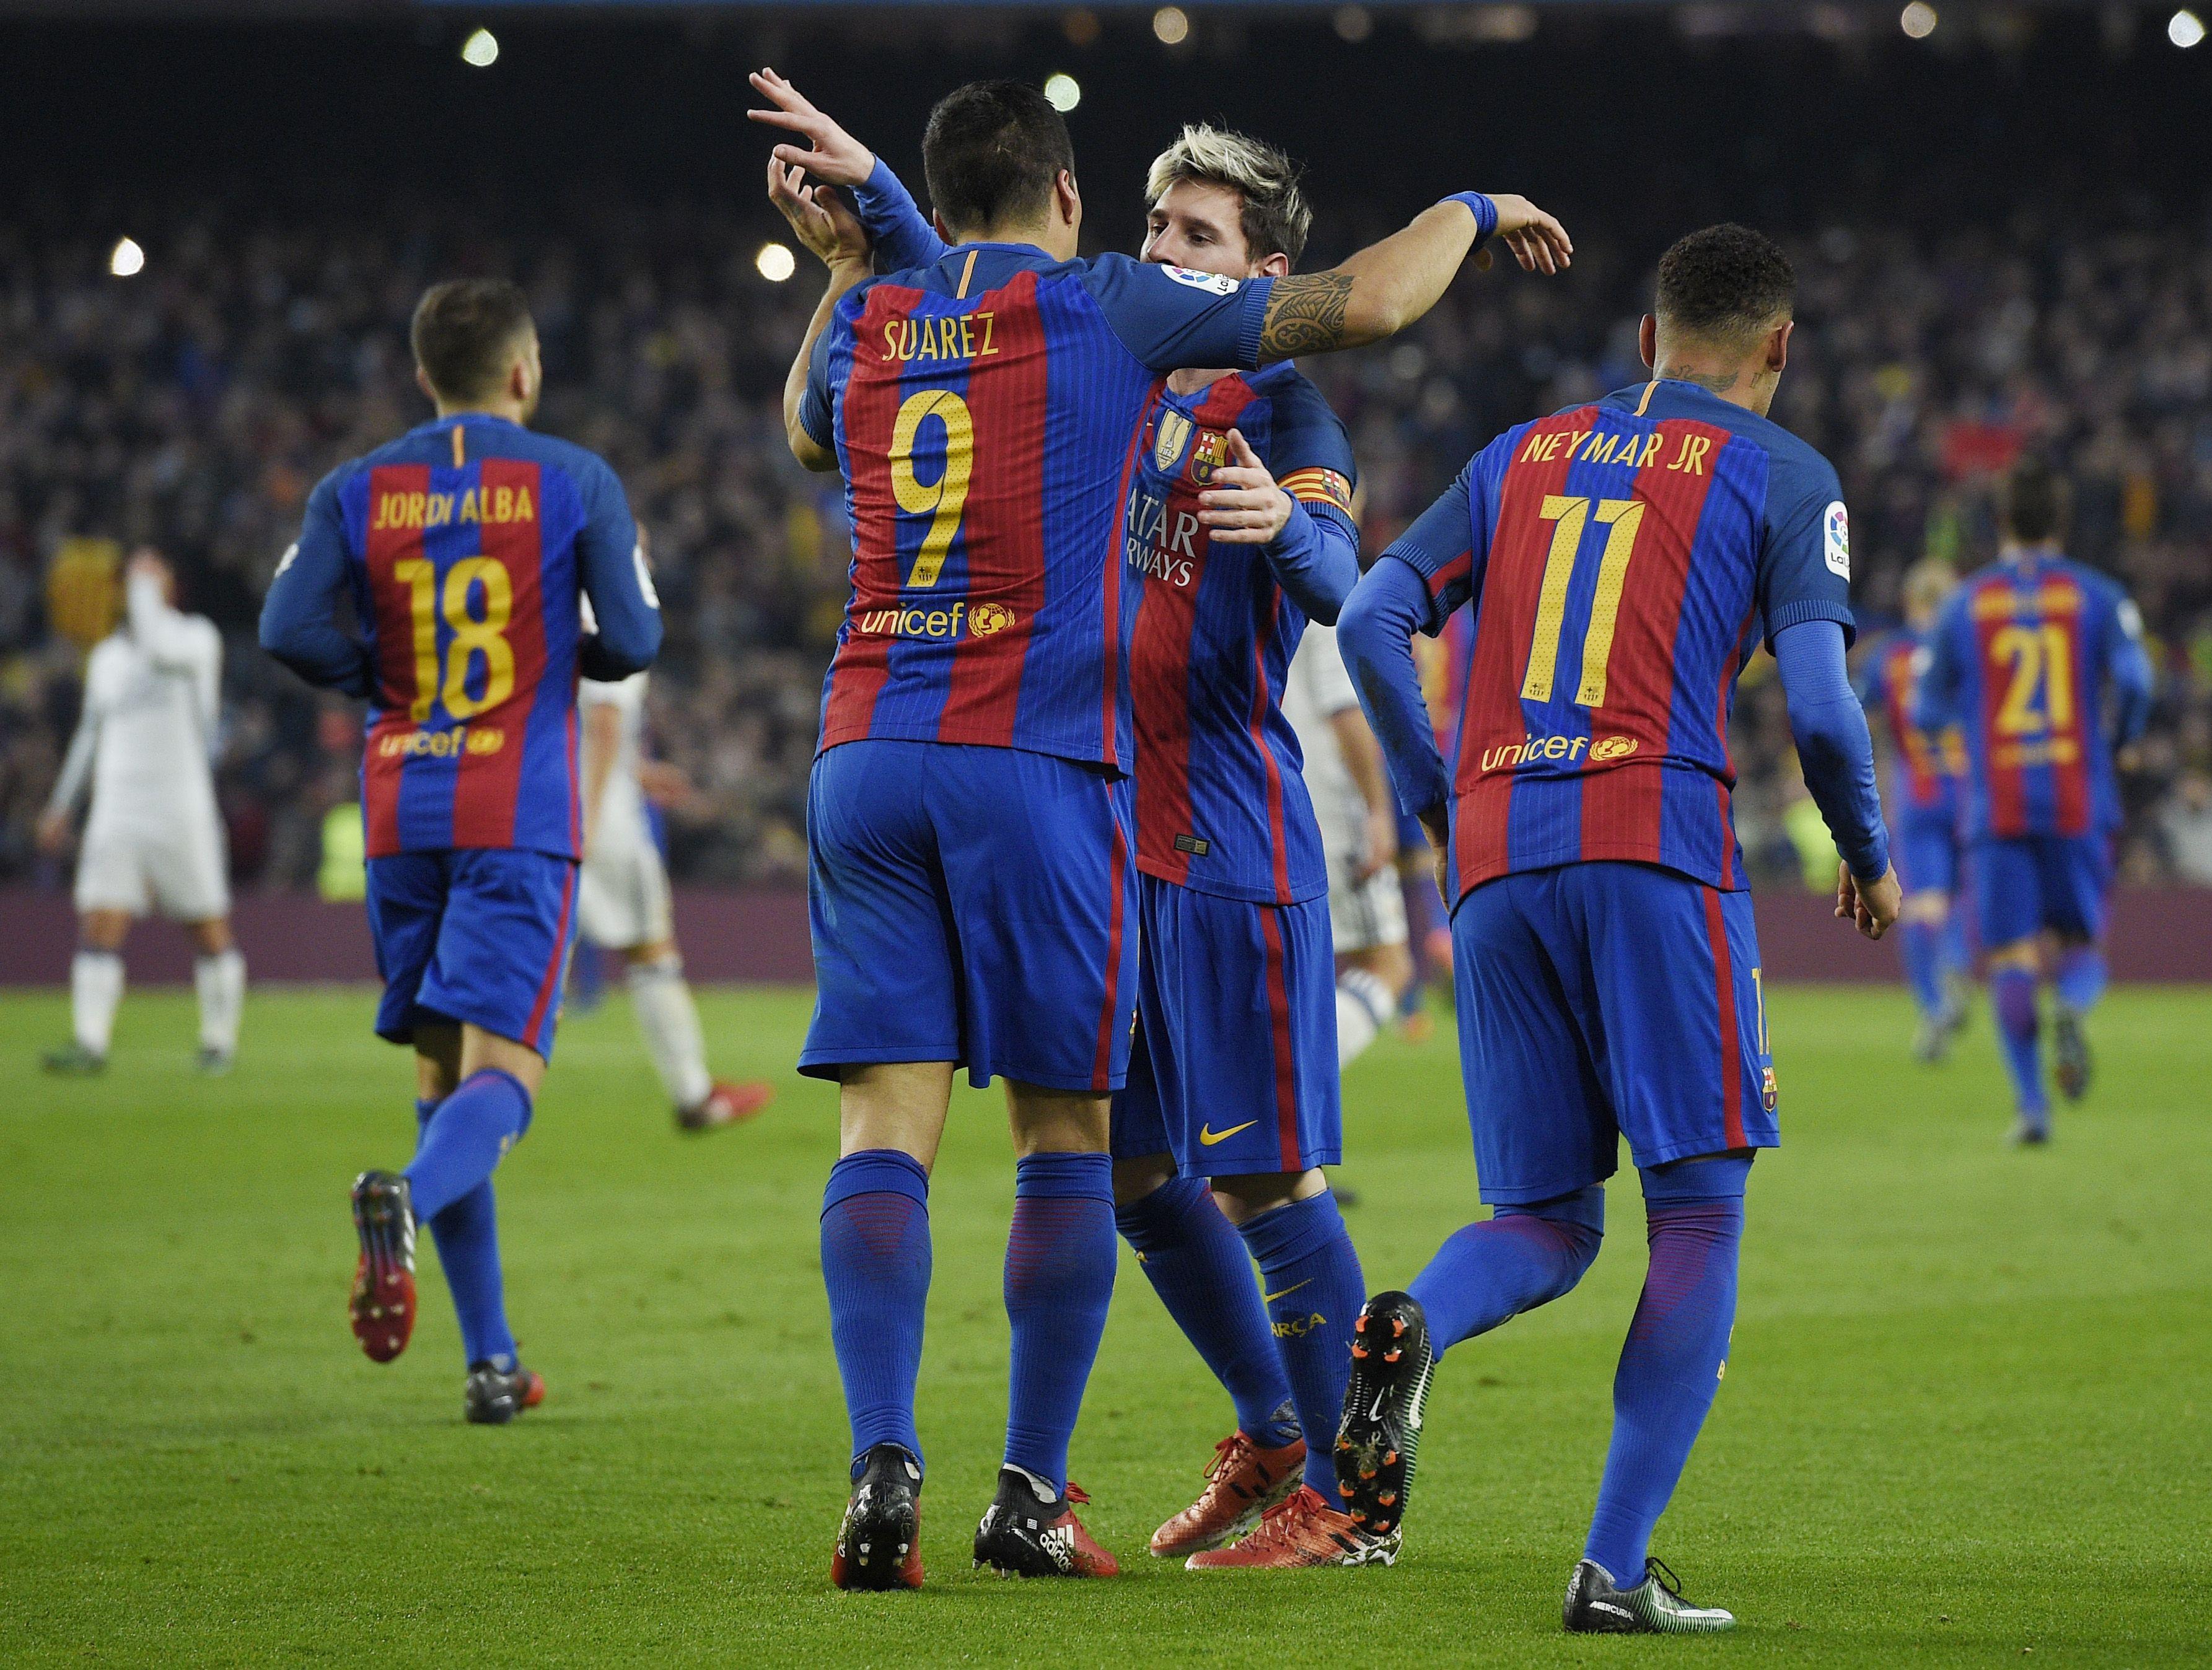 El abrazo entre Suárez y Messi